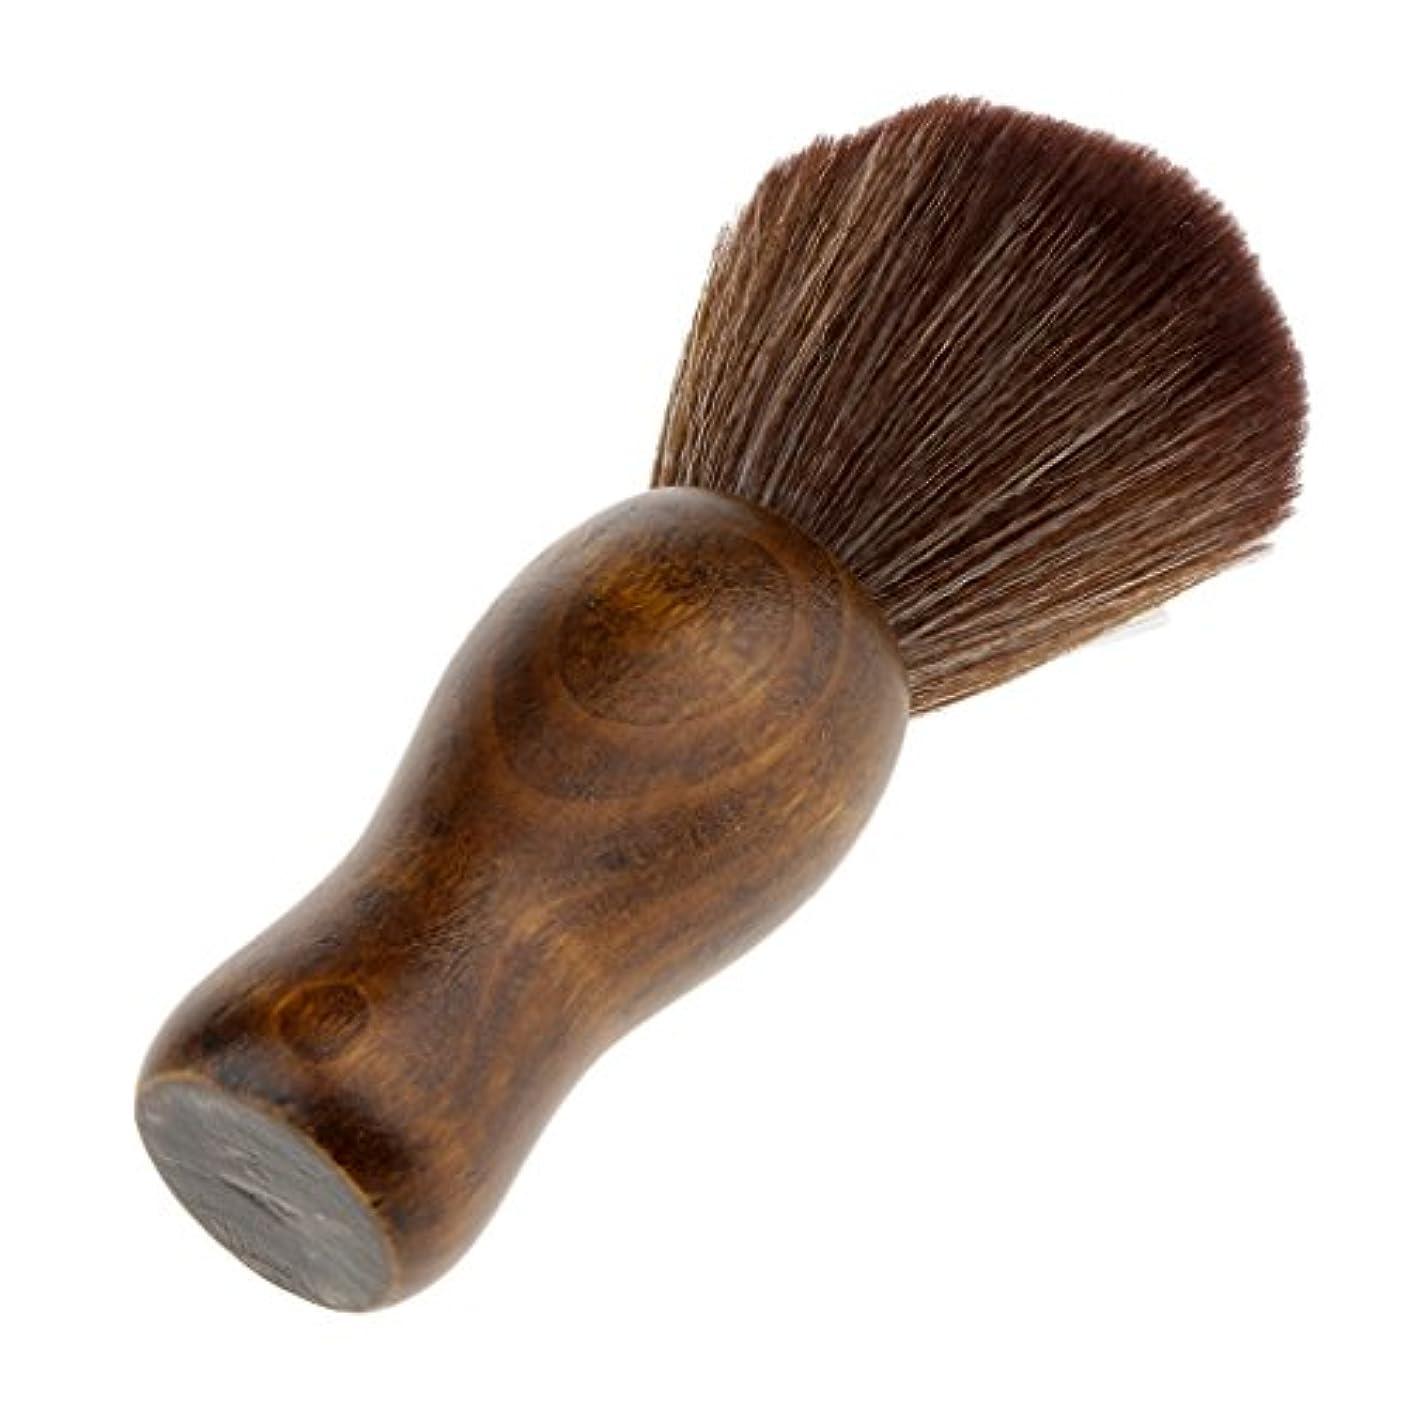 植木ボア屋内シェービングブラシ ソフトファイバー シェービング ブラシ 化粧ブラシ ルースパウダー メイクブラシ 木製 2色選べる - 褐色